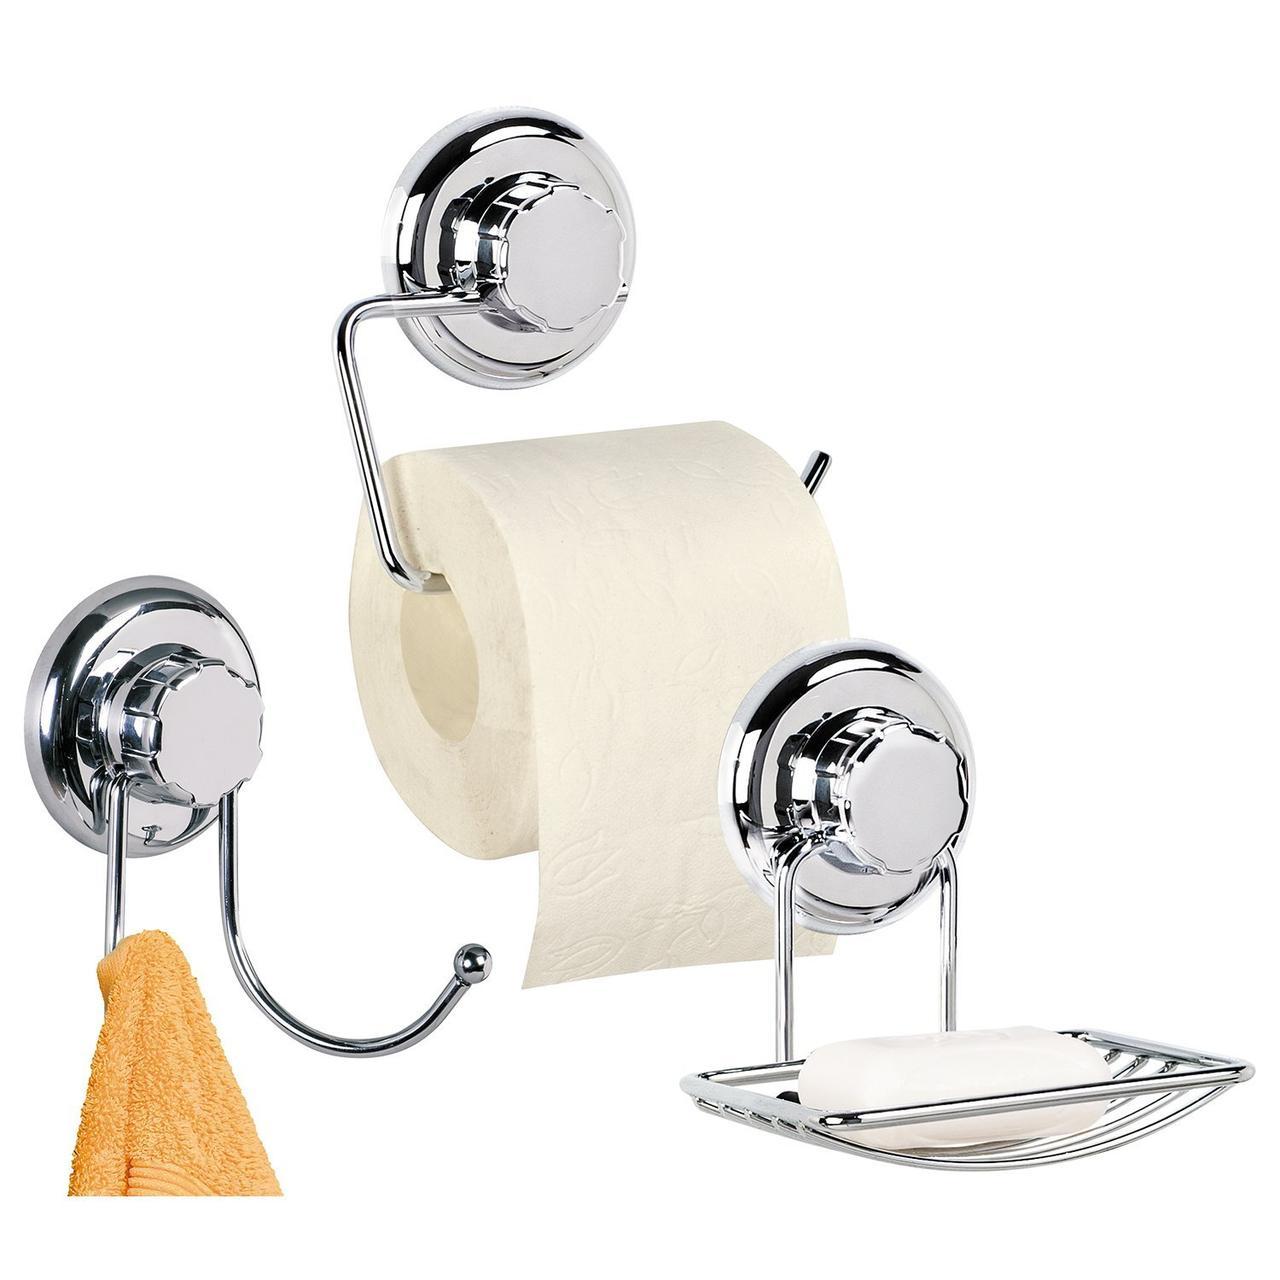 Набор для ванной Tatkraft MEGA LOCK с сильным вакуумным креплением хромированная сталь и пластик (11939)